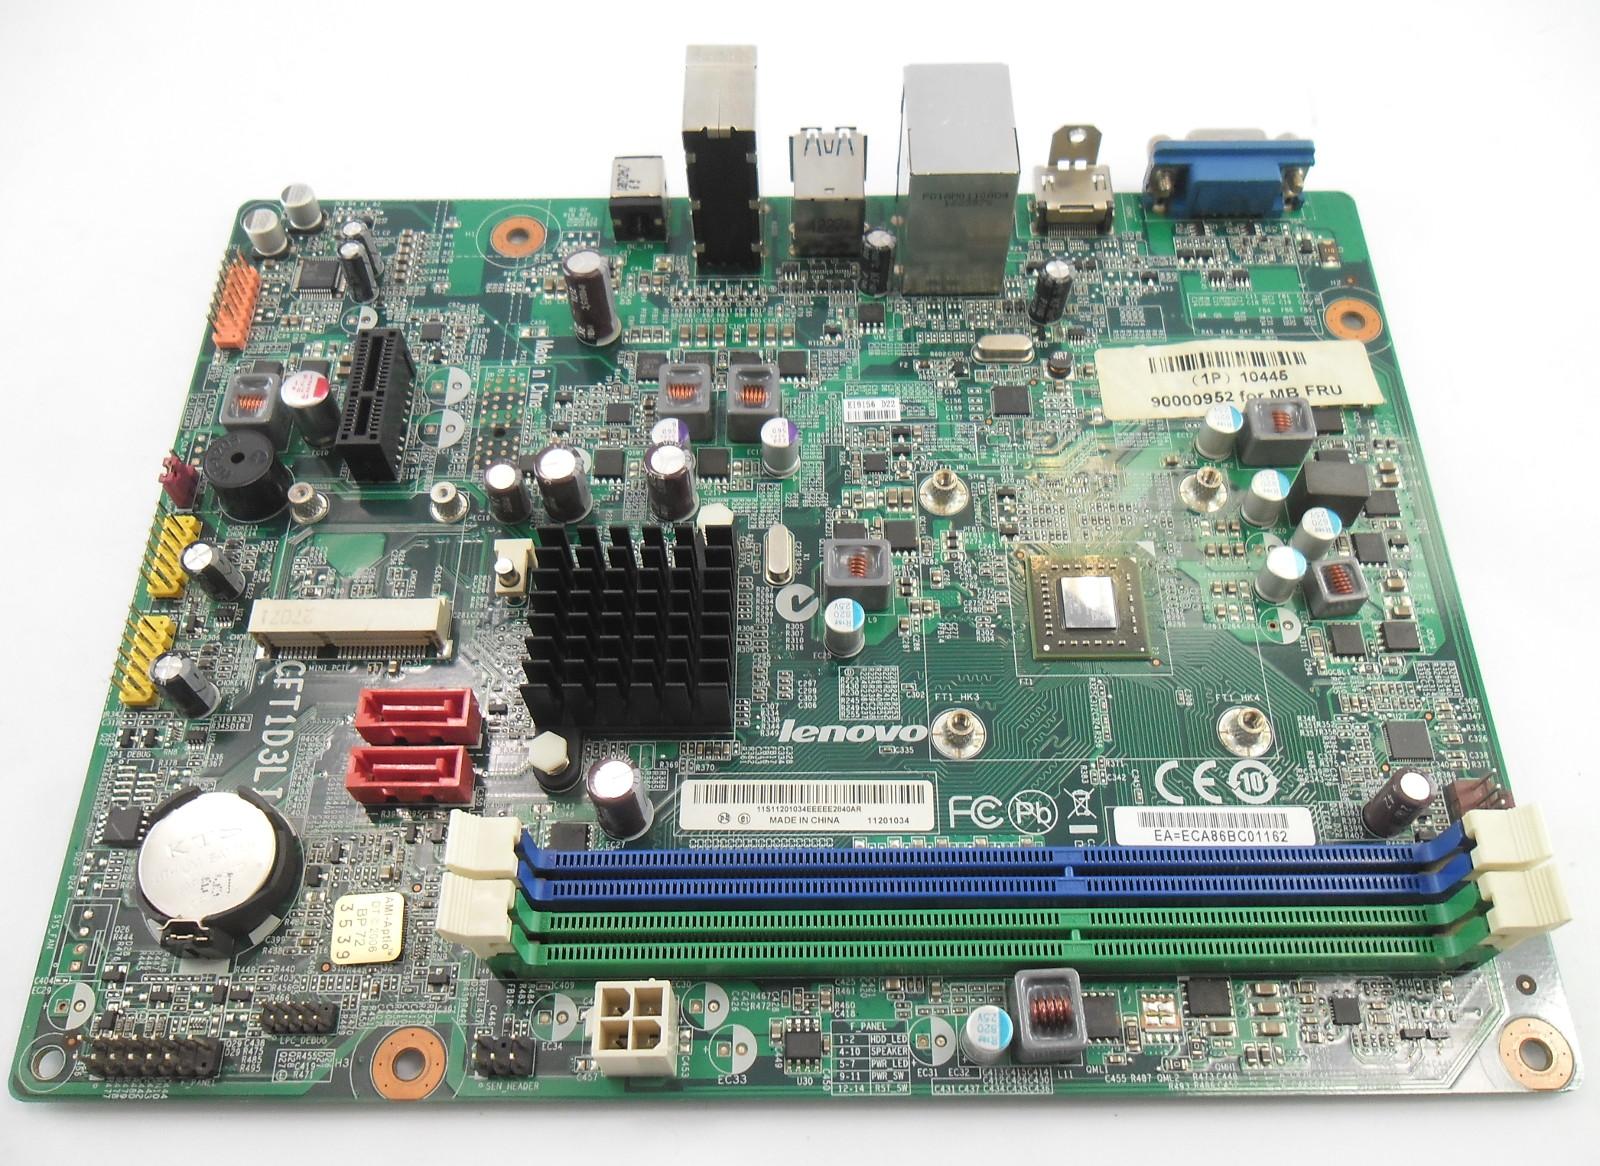 Lenovo 90000952 H505s PC Motherboard 11S11201034 w/ AMD E450 APU